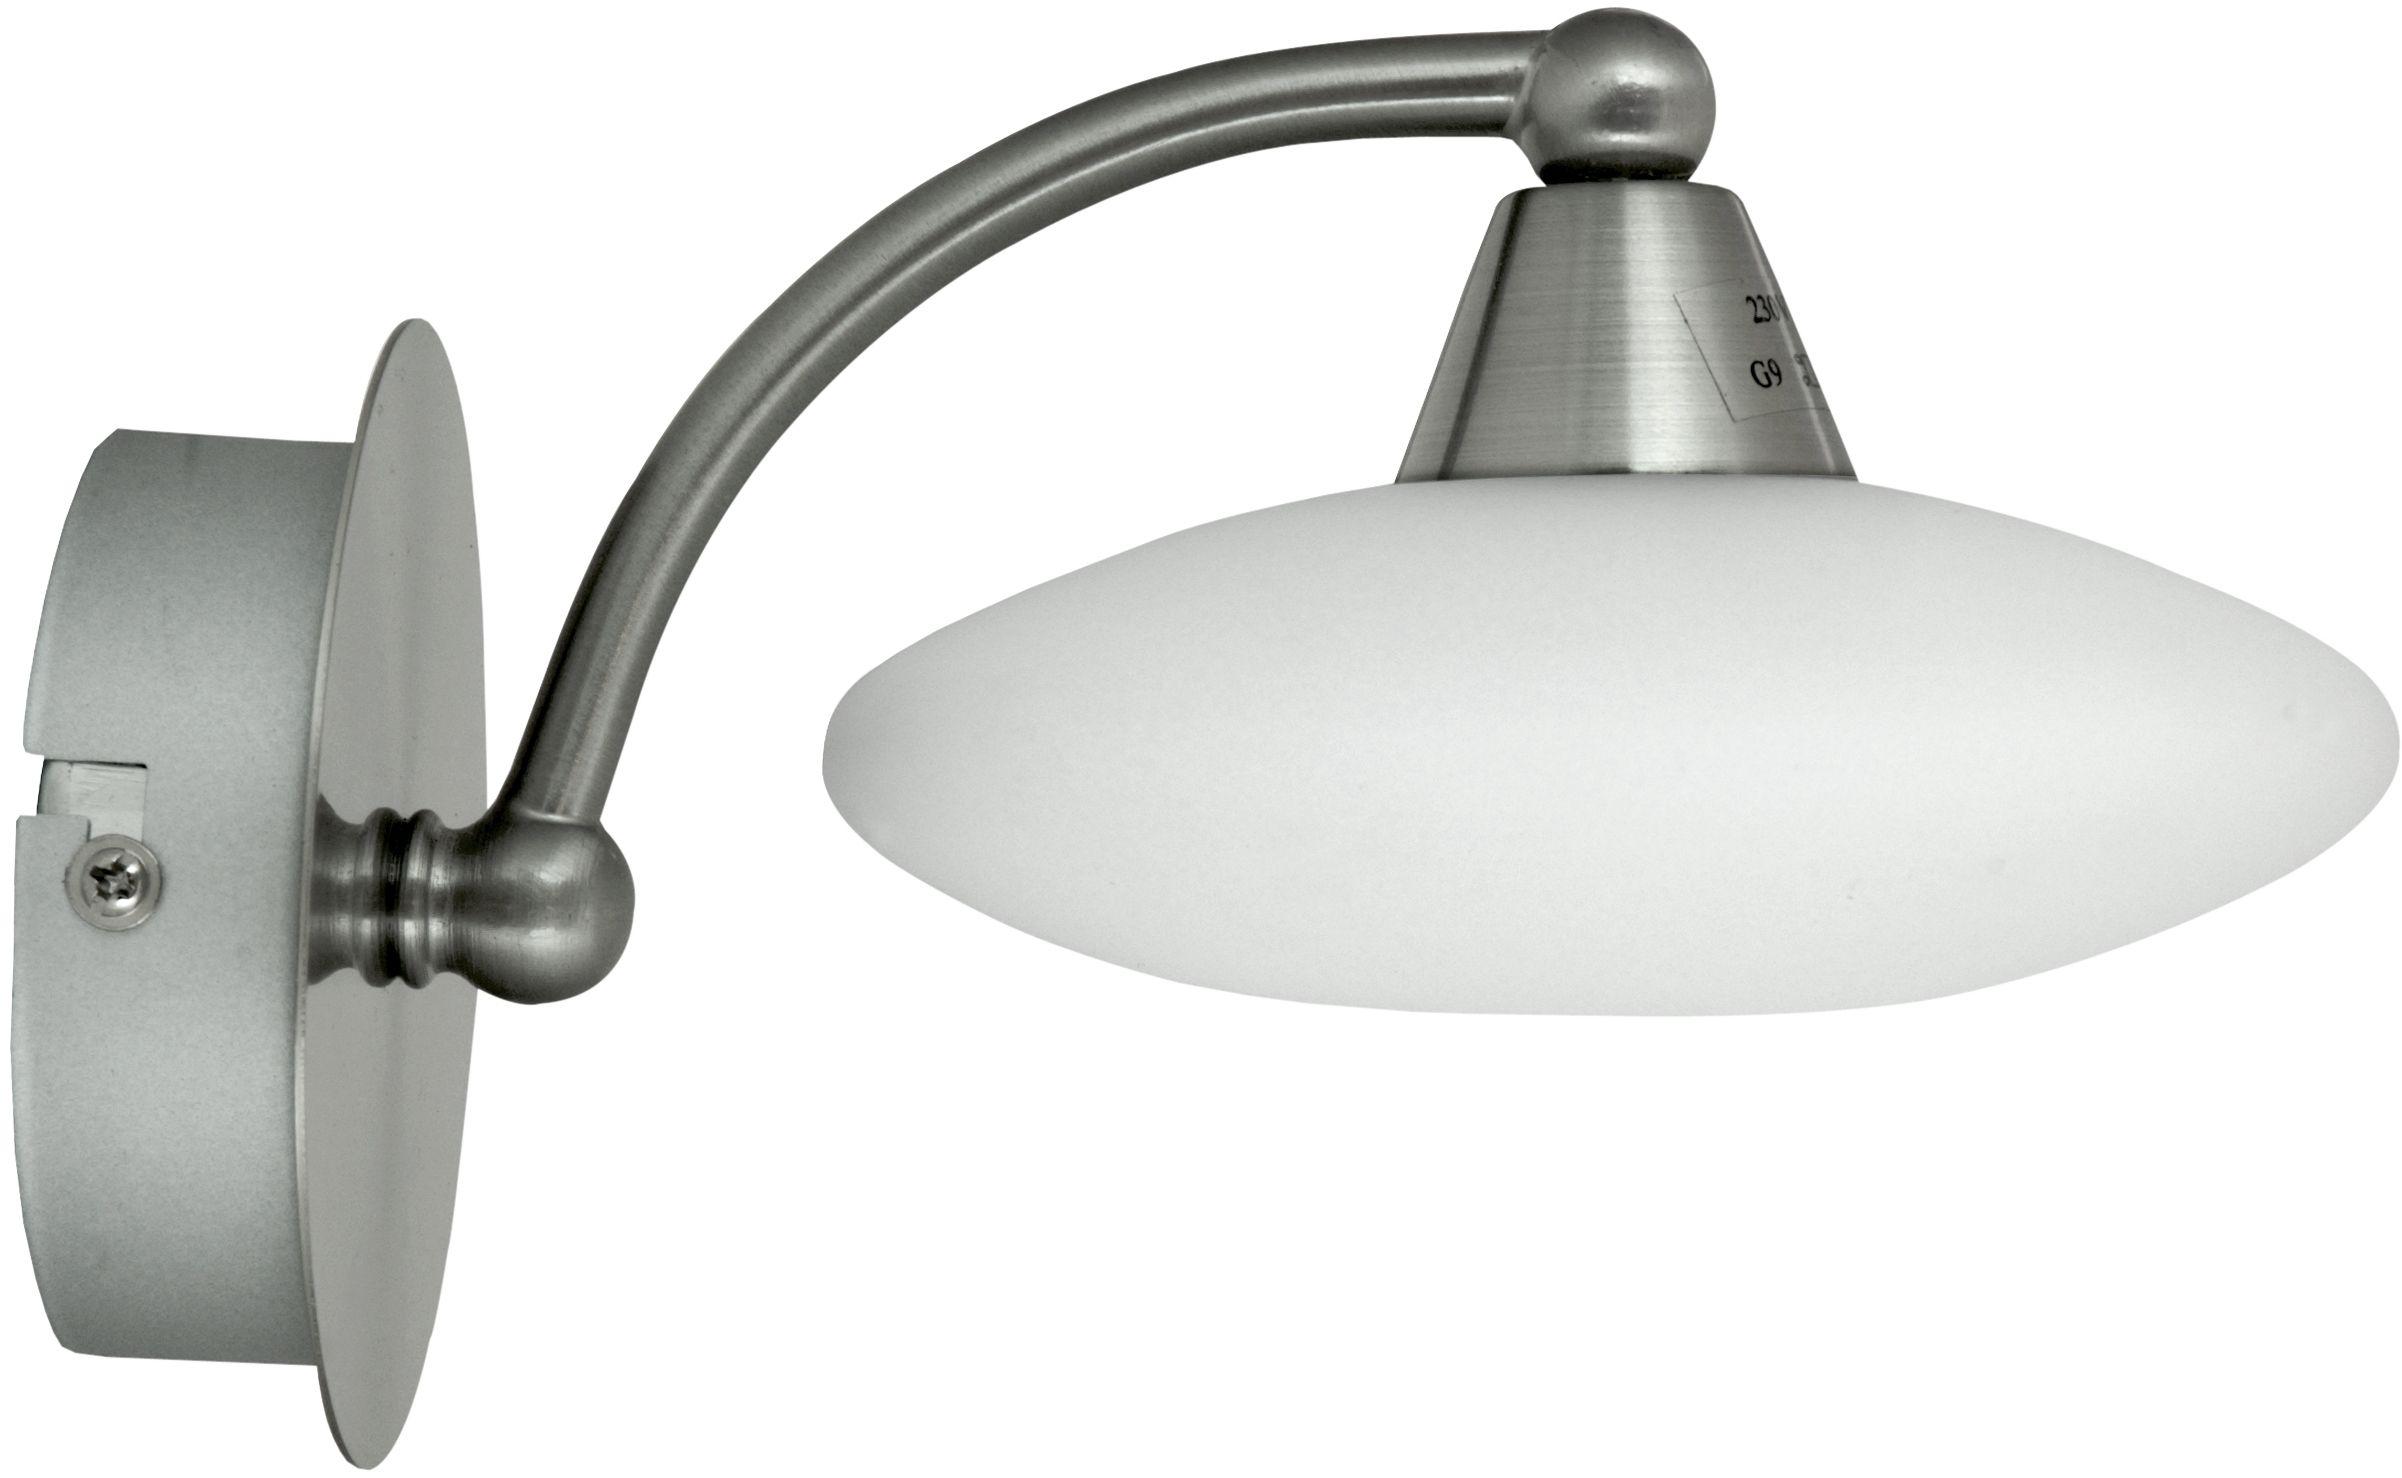 Candellux ELISA 21-05857 kinkiet lampa ścienna szklany klosz biały 1X40 G9 satyna nikiel 13,5 cm